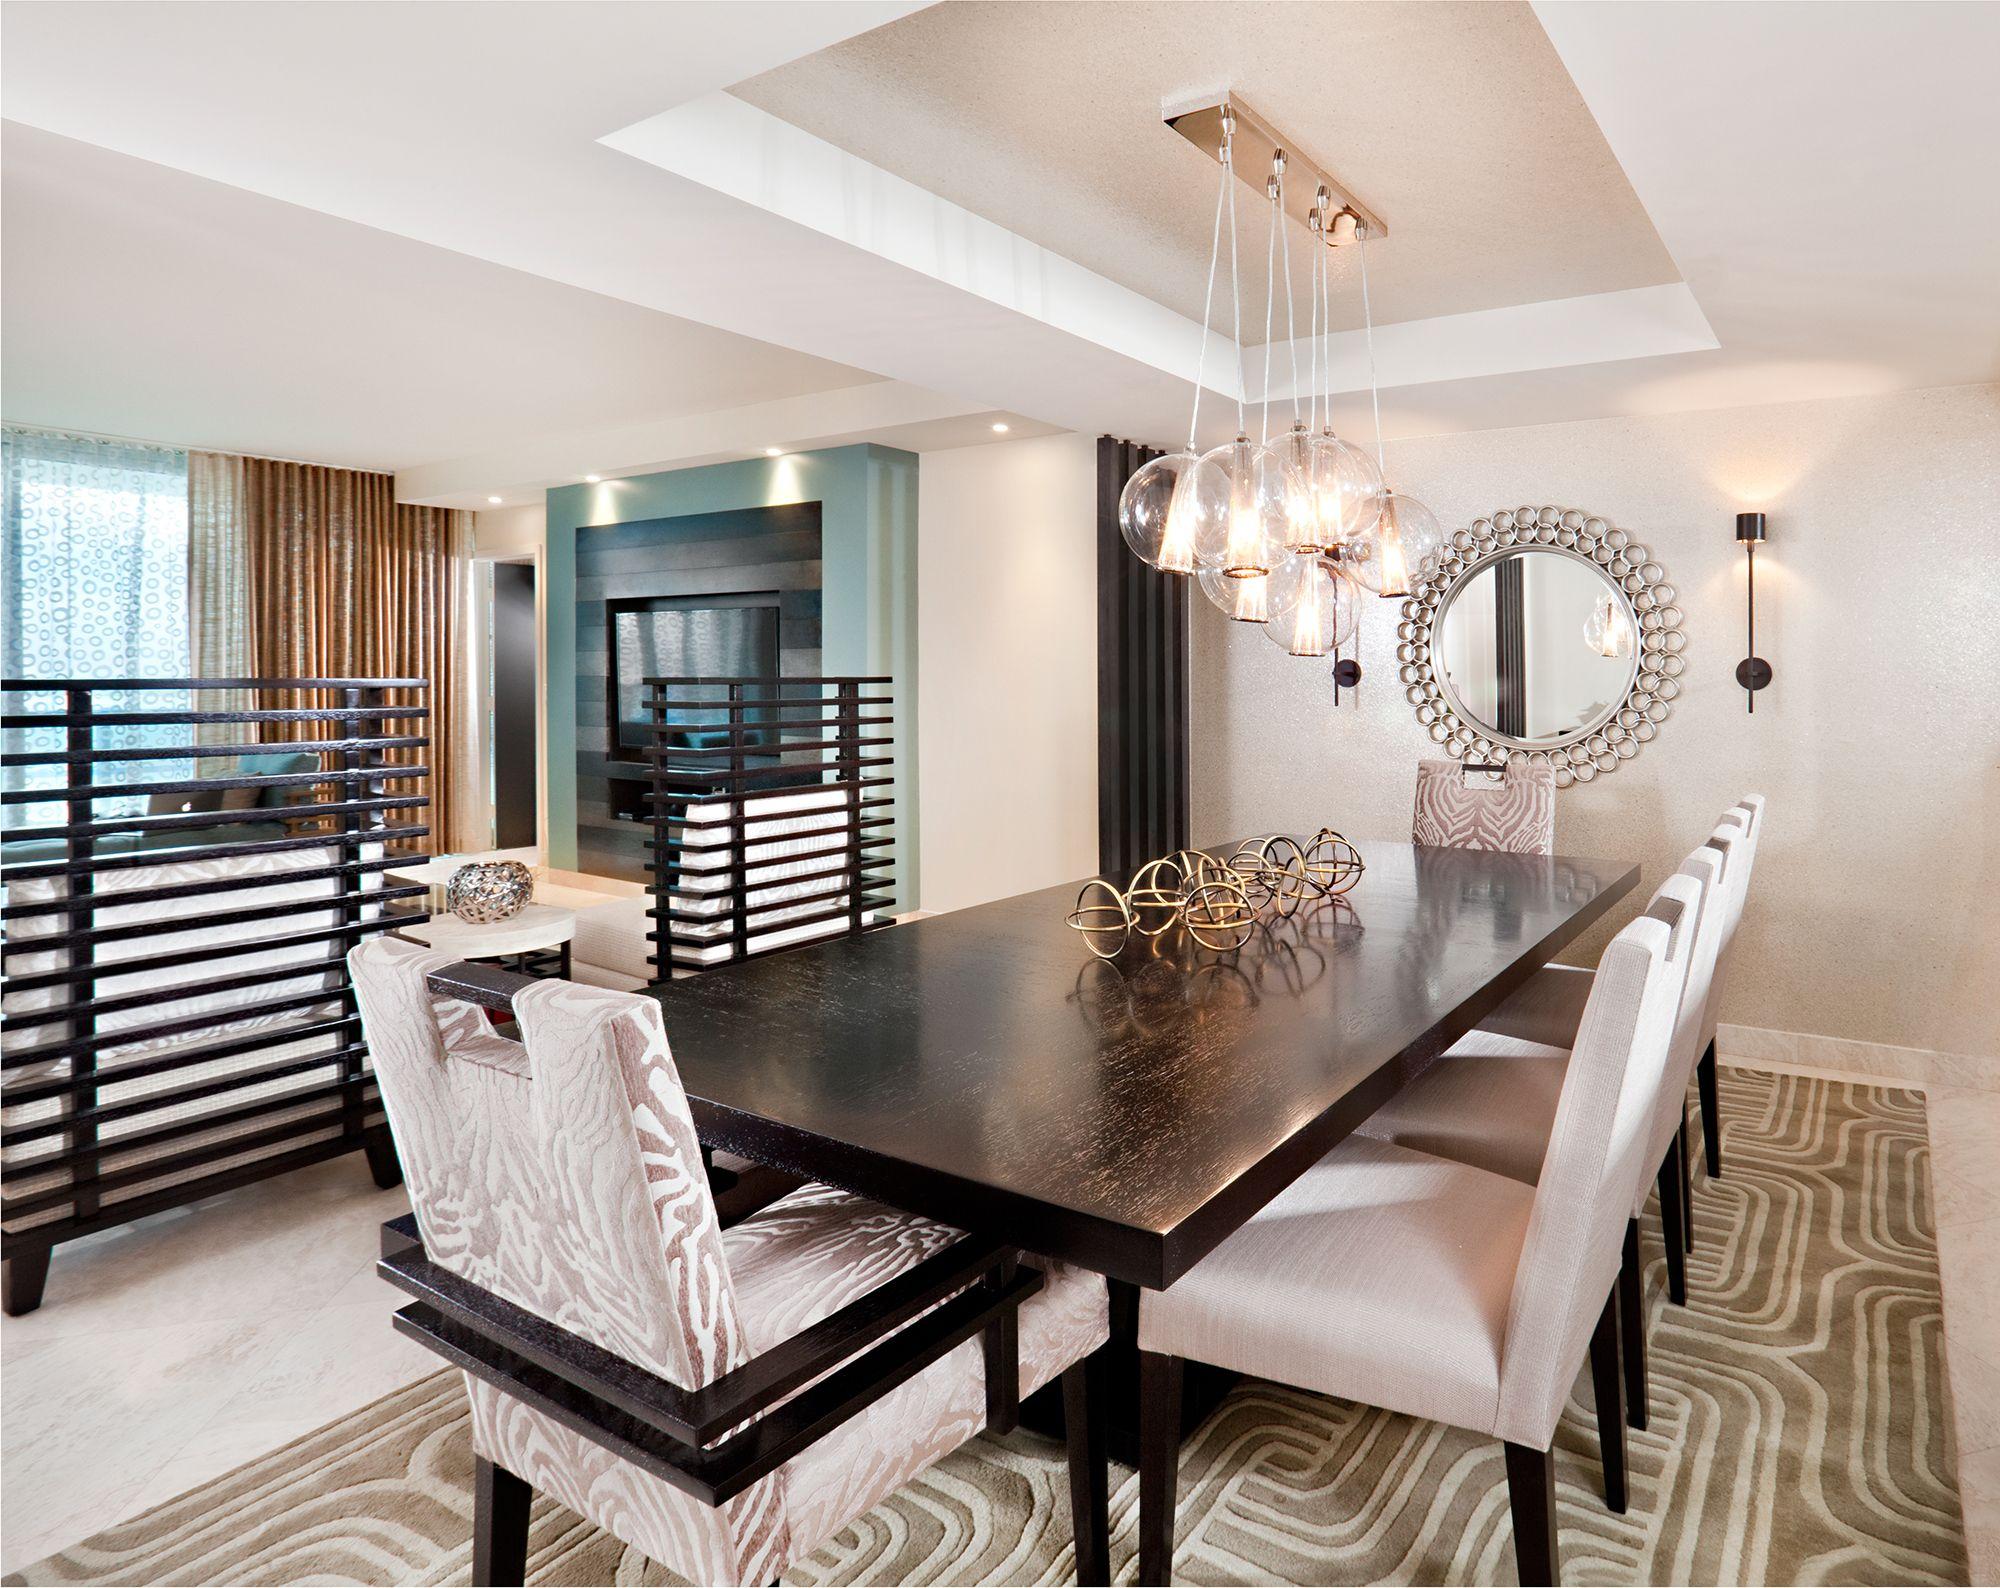 Miami Condo Dining Room Copyright 2013 Design Magnifique